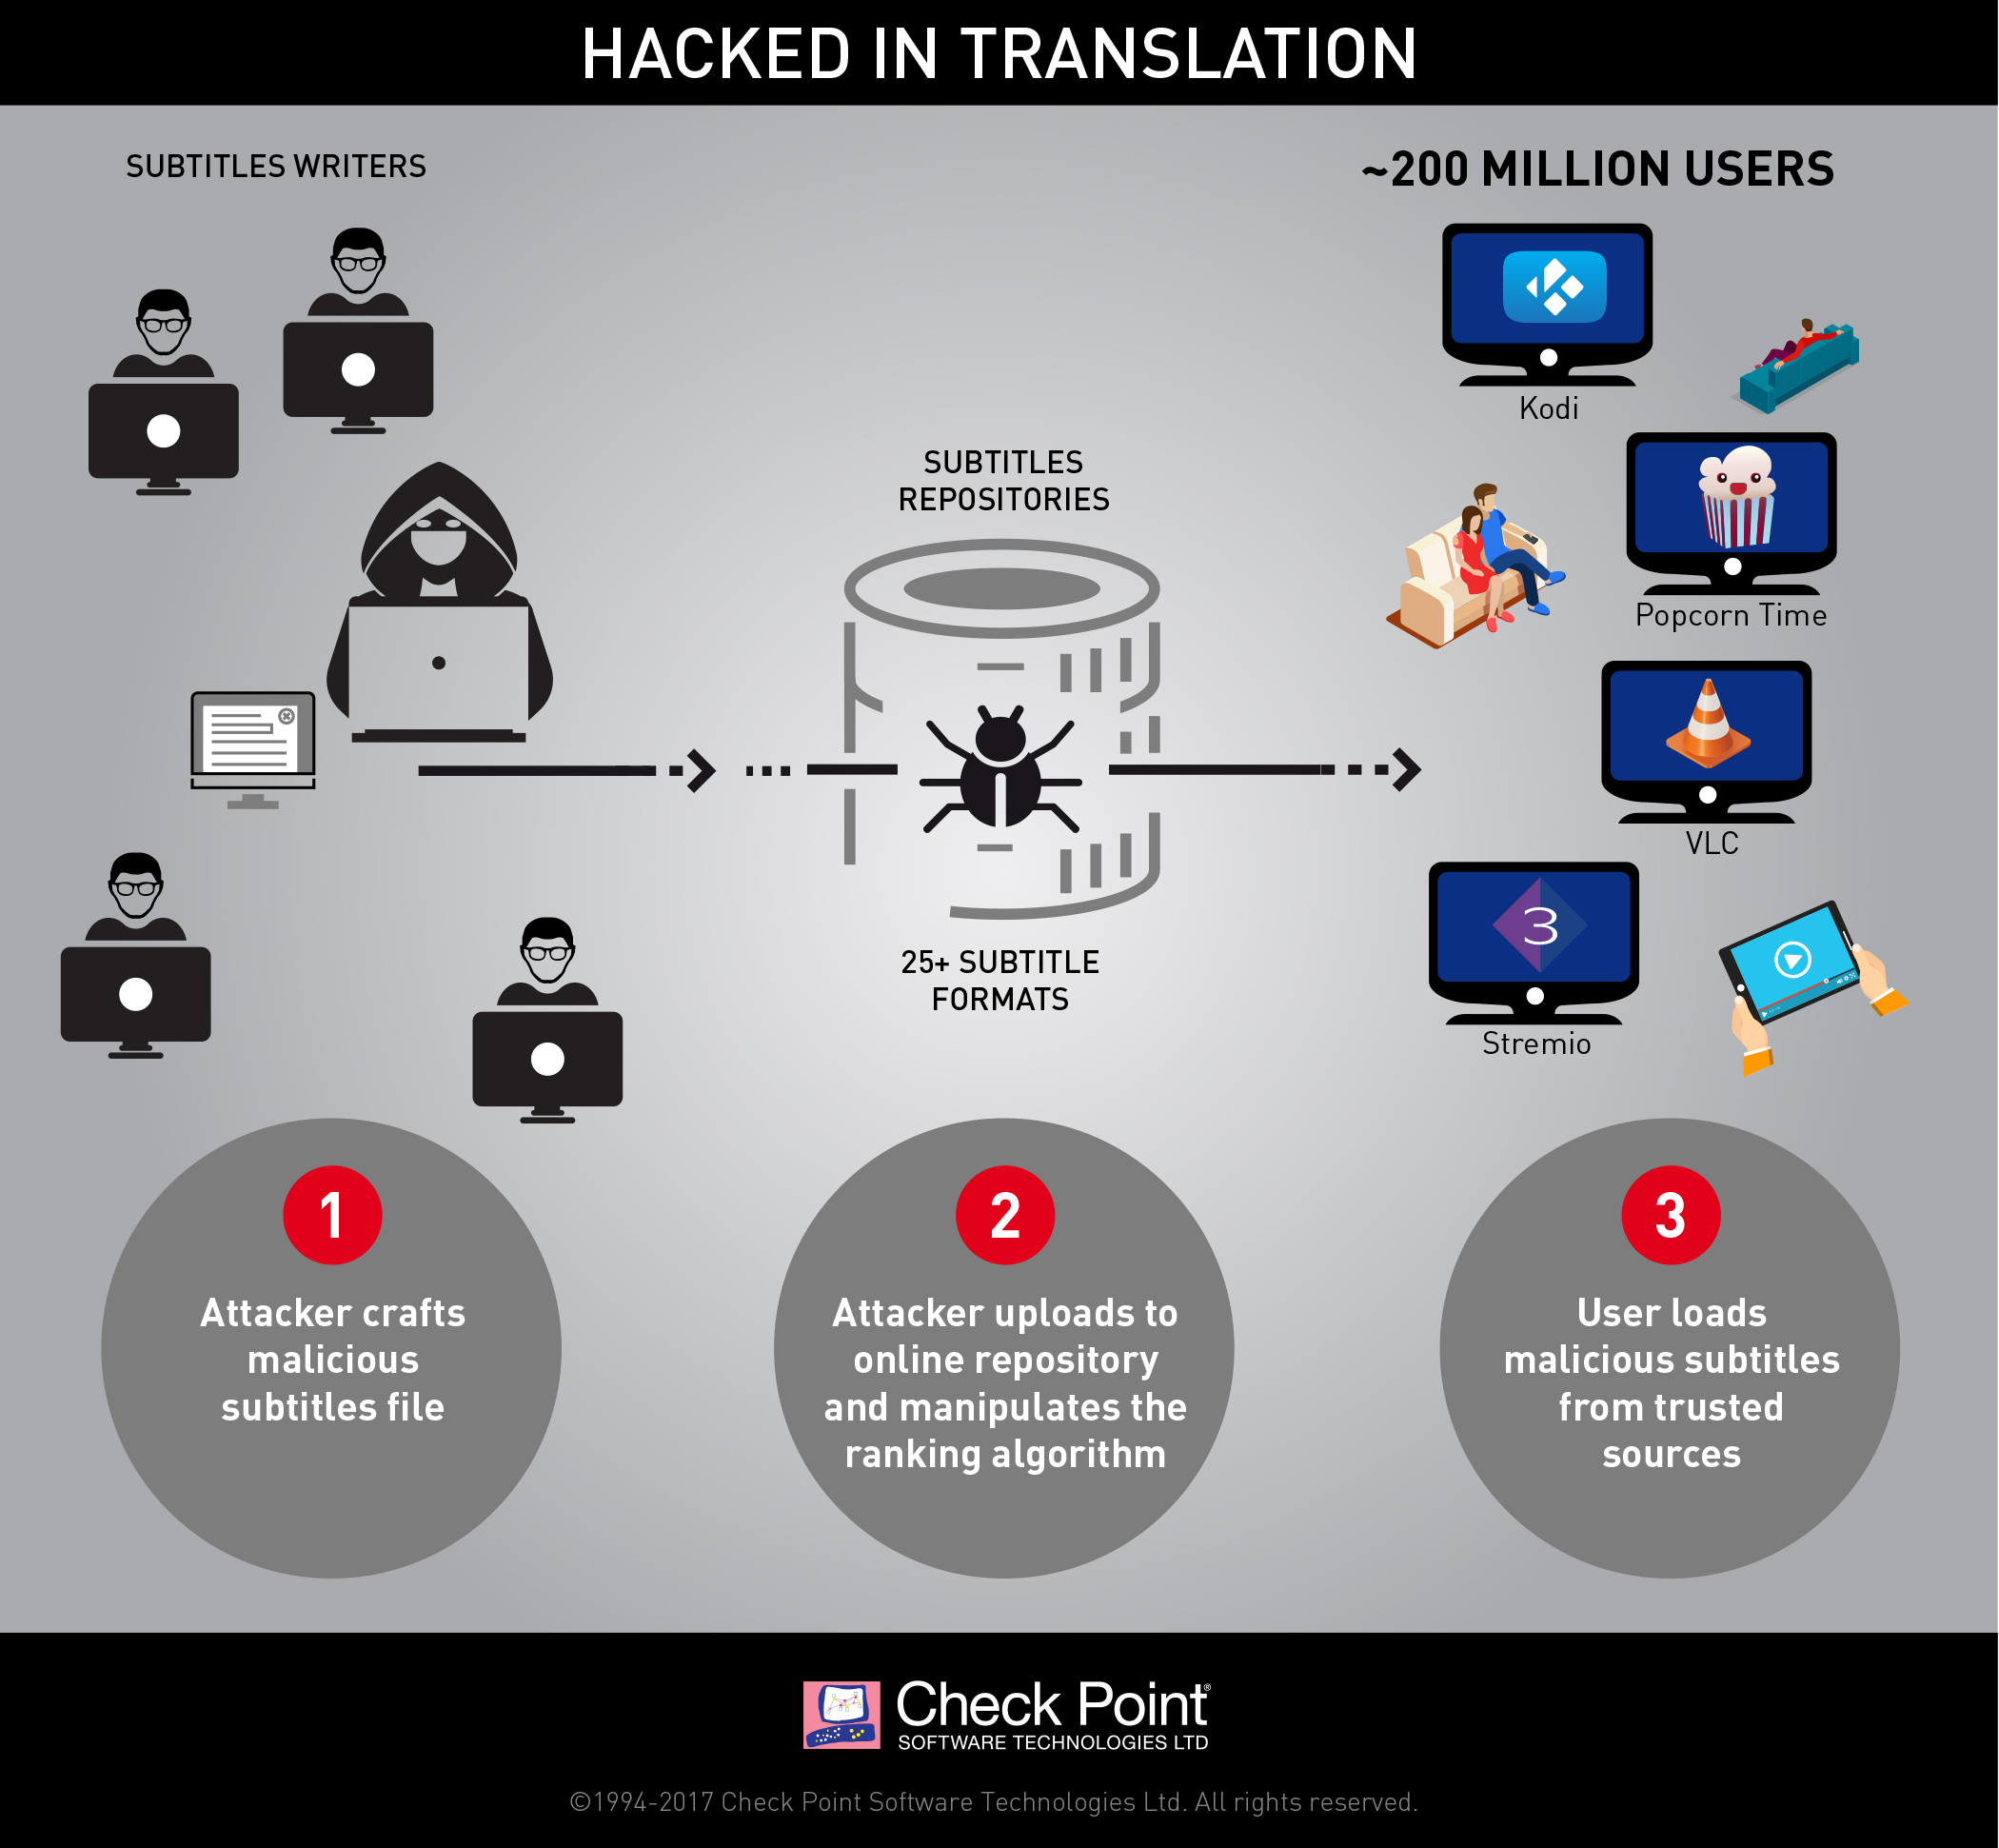 Cybercriminialité: des pirates détournent les sous-titres pour prendre le contrôle d'ordinateurs !